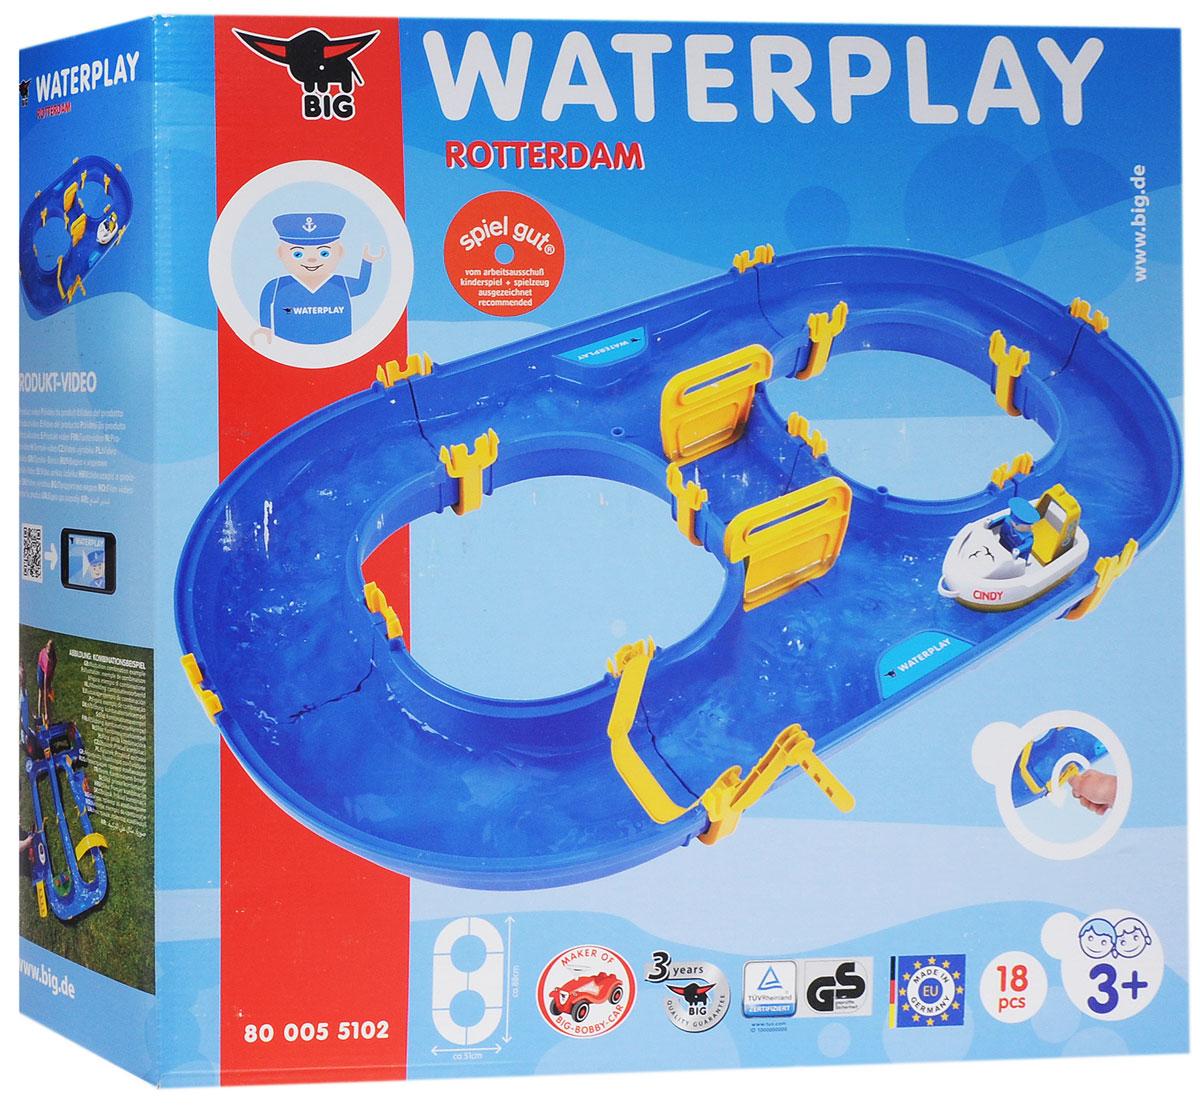 Big Водный трек Rotterdam Waterplay55102Водный трек Big Rotterdam Waterplay - отличный подарок вашему малышу. Это изделие включает в себя синий трек в виде восьмерки, лодку с фигуркой человечка, механический привод для создания потока воды и препятствия, позволяющие на свой вкус менять направление лодочки. Совмещаемые элементы набора крепятся по типу конструктора и не требуют клея и чрезмерных усилий. Такая игра возможна дома и на природе, возле моря или речки. Она развивает фантазию, логическое мышление, мелкую моторику и в целом позволяет получить неописуемое удовольствие от водной игры.